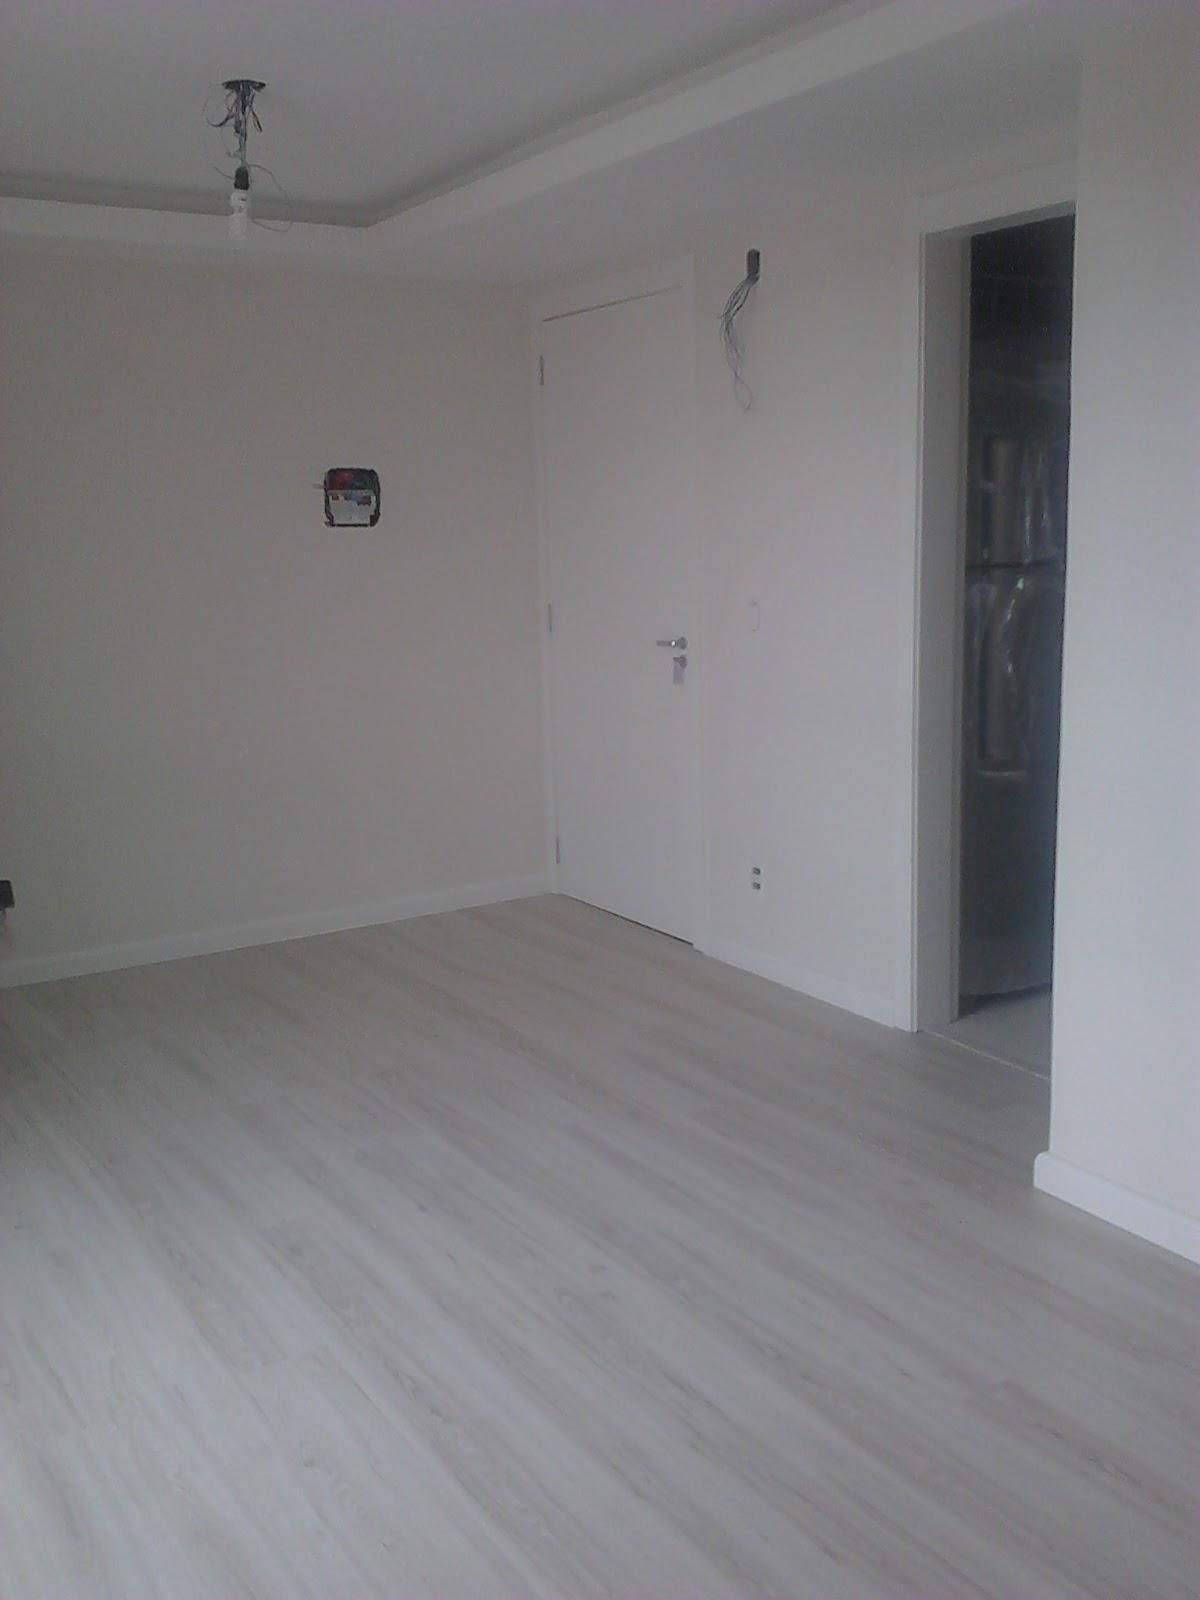 Extremamente Casei, quero casa: Piso laminado HO97